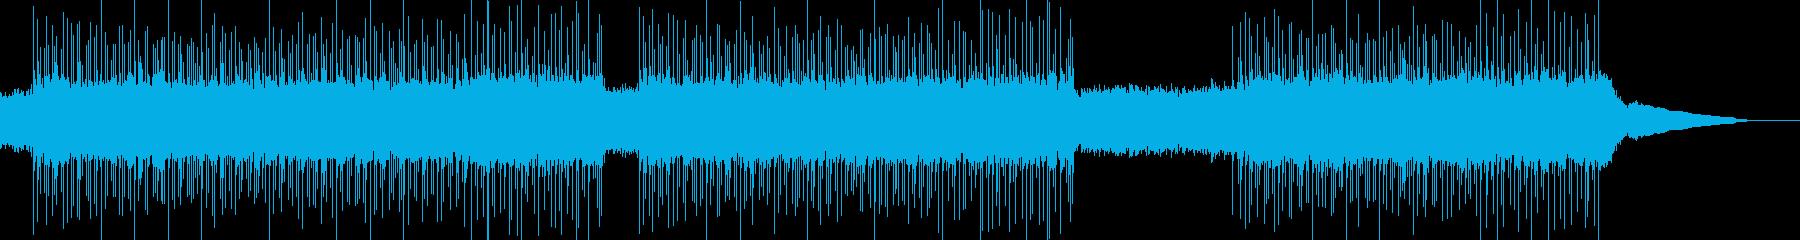 ヘヴィロック サスペンス 技術的な...の再生済みの波形